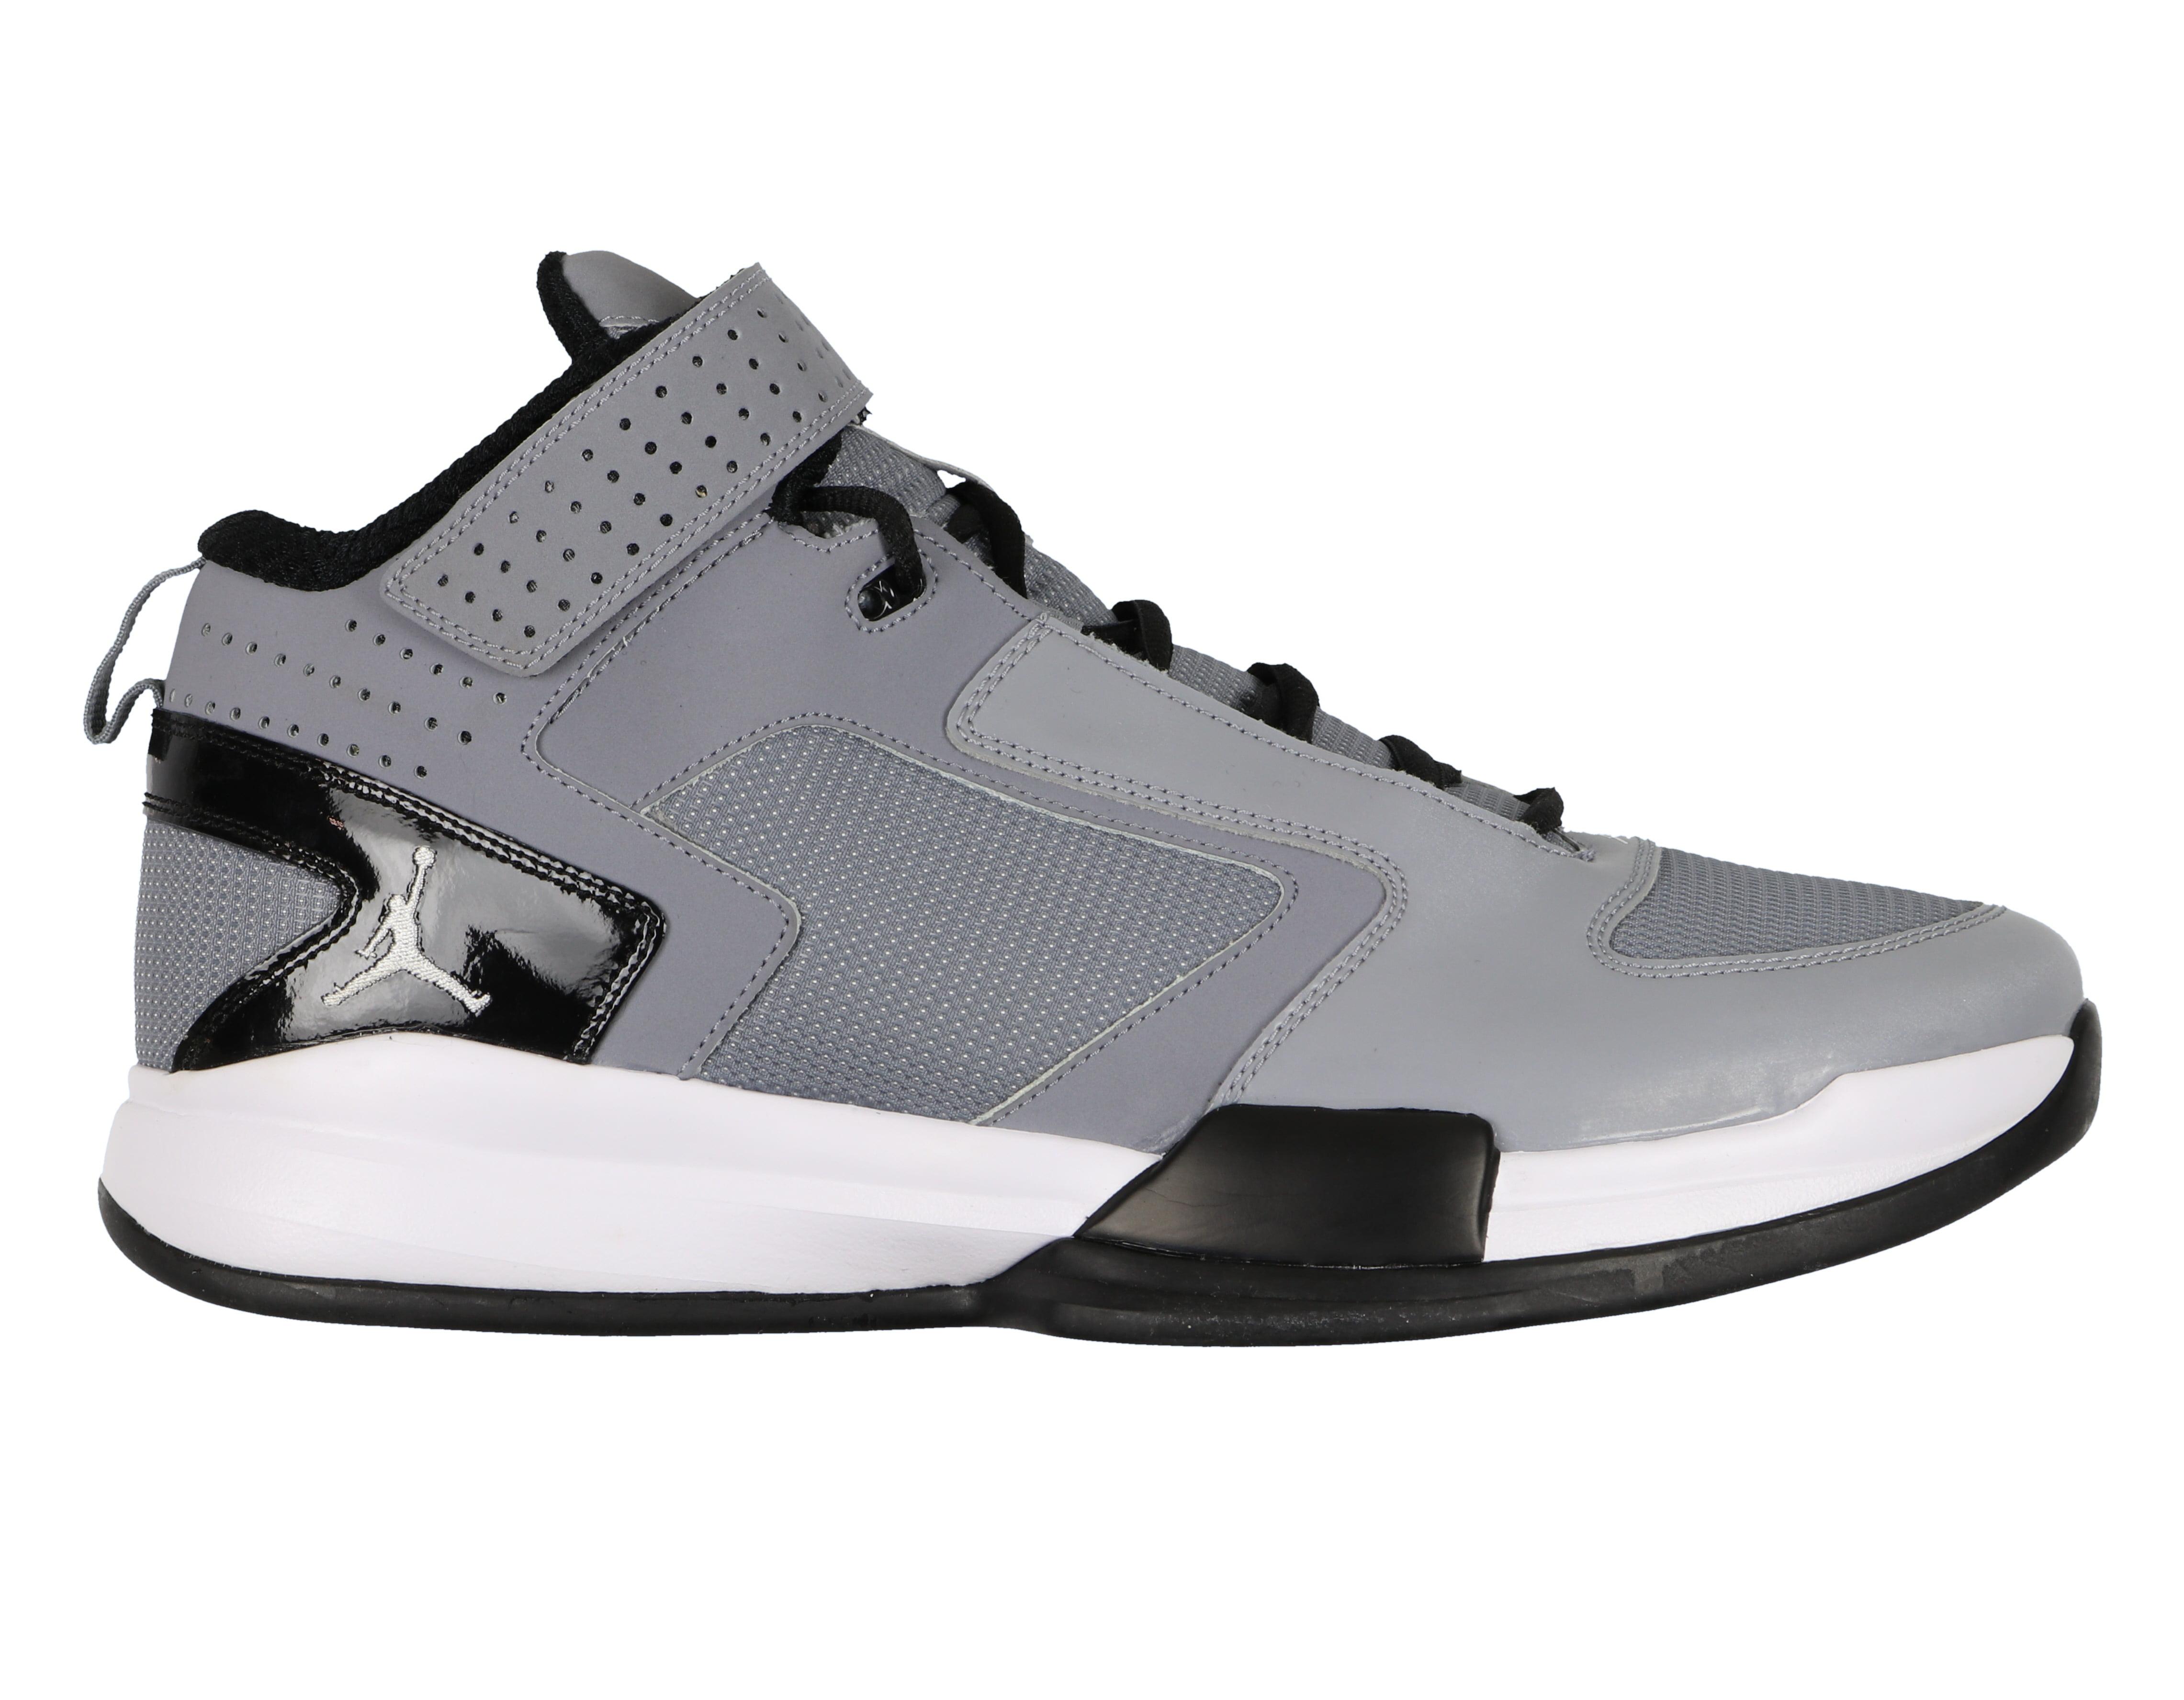 3750d28de9d012 ... Jordan - Jordan Men s BCT Mid Top Cross Training Shoes sz 13 Stealth  Gray Black  Air ...